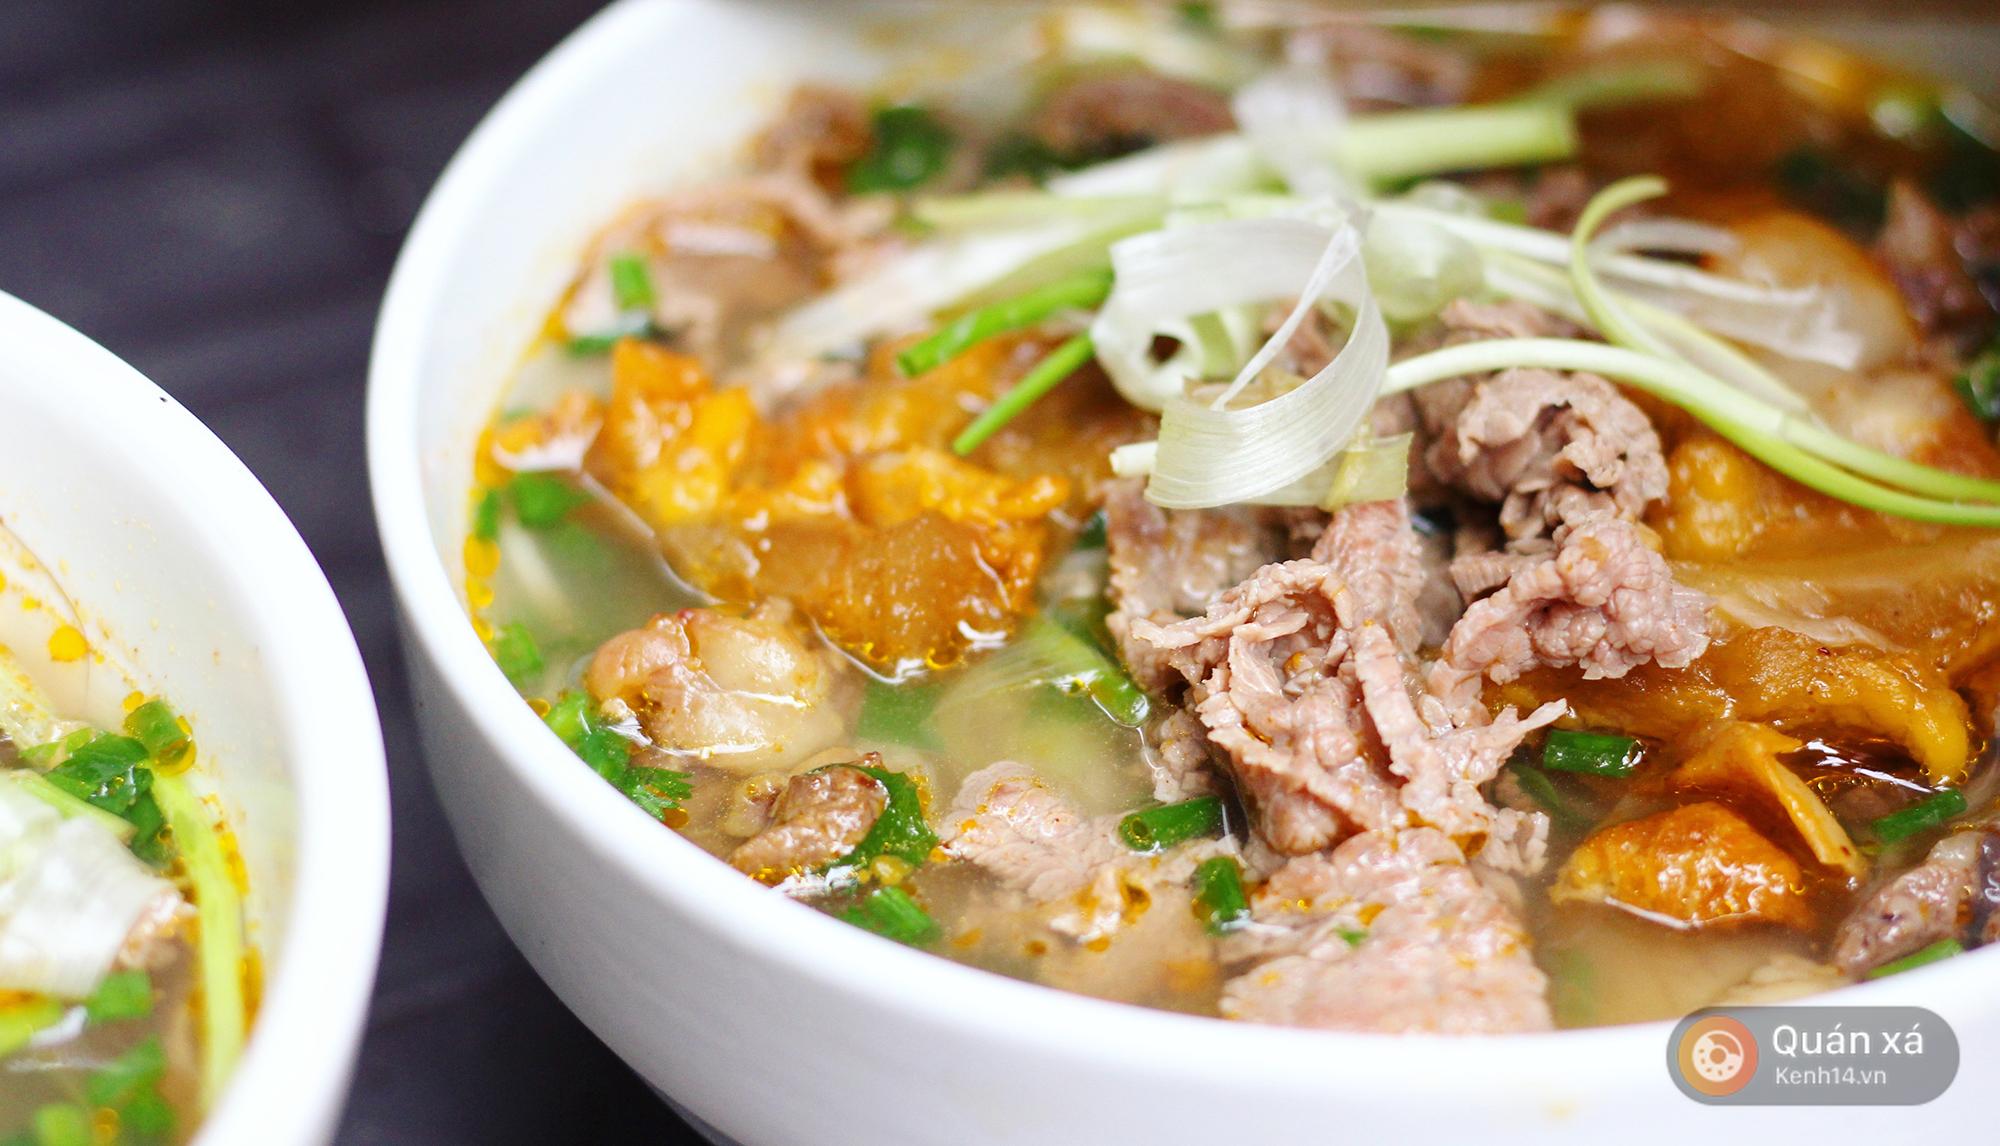 Ở Hà Nội có một món bún rất lạ: đầy ắp thịt bò mà chỉ có 25k - Ảnh 3.